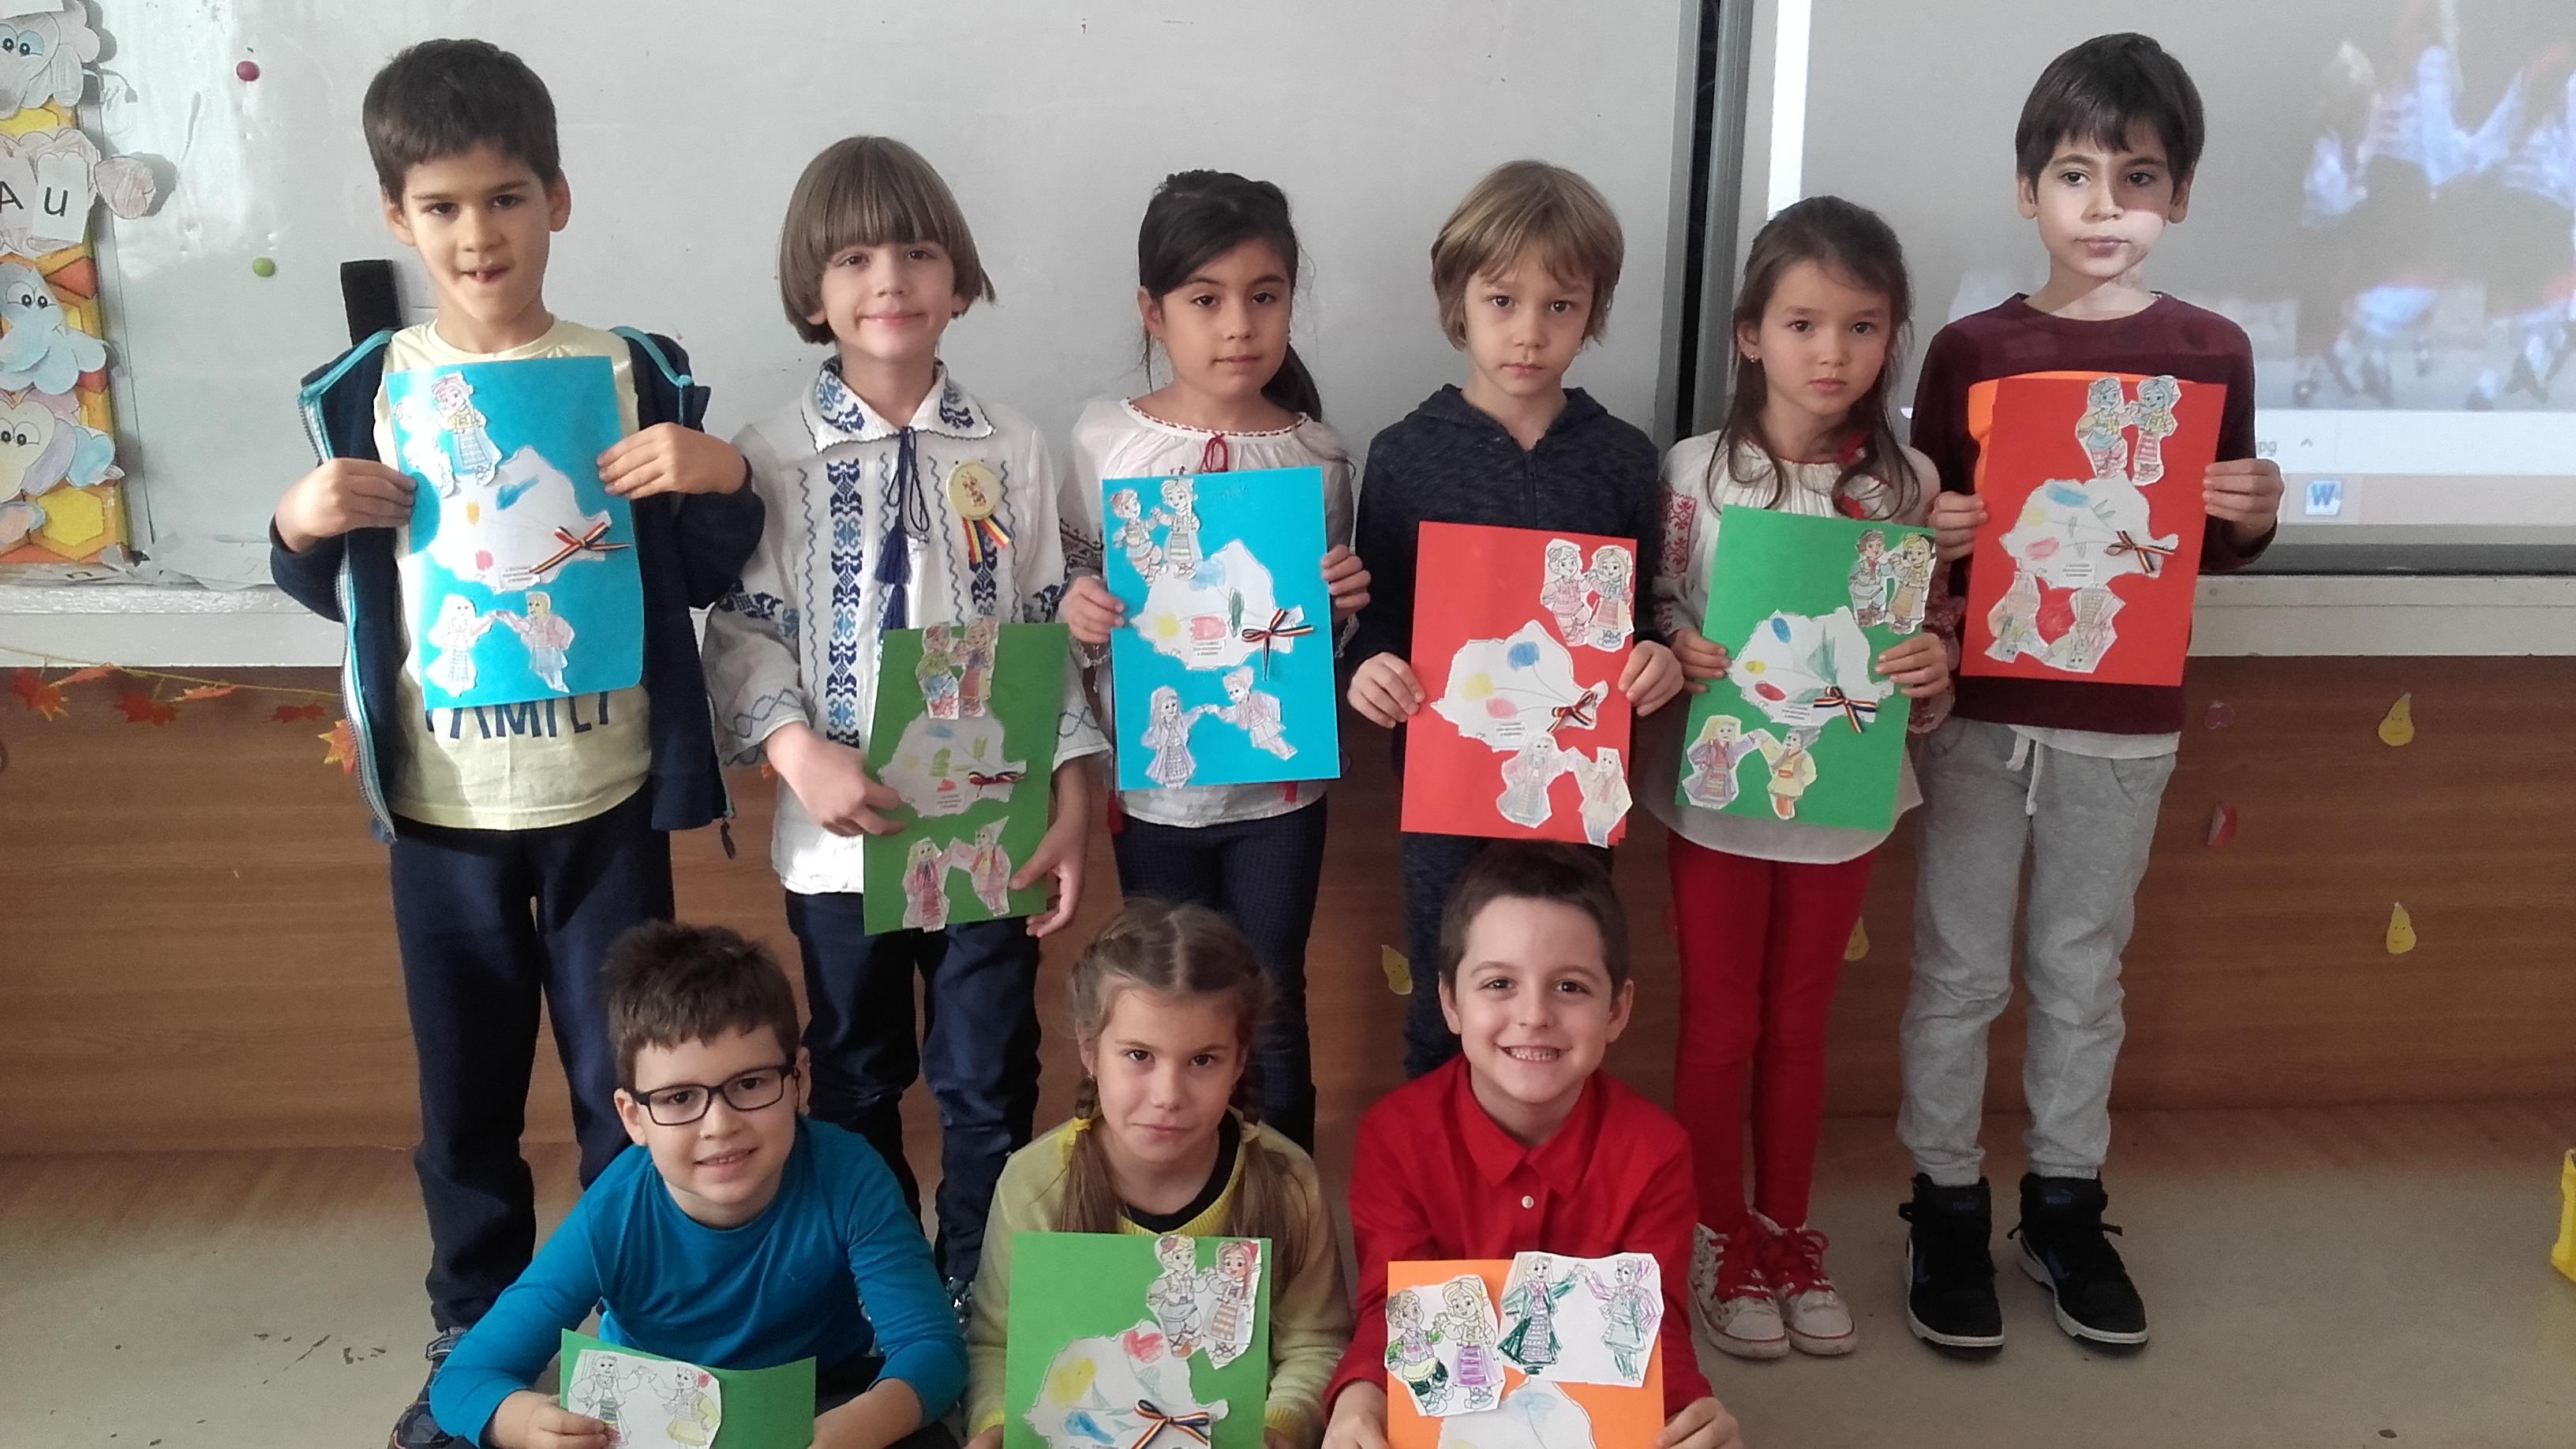 http://www.scoala12bucuresti.ro/site/wp-content/uploads/2017/12/8.jpg